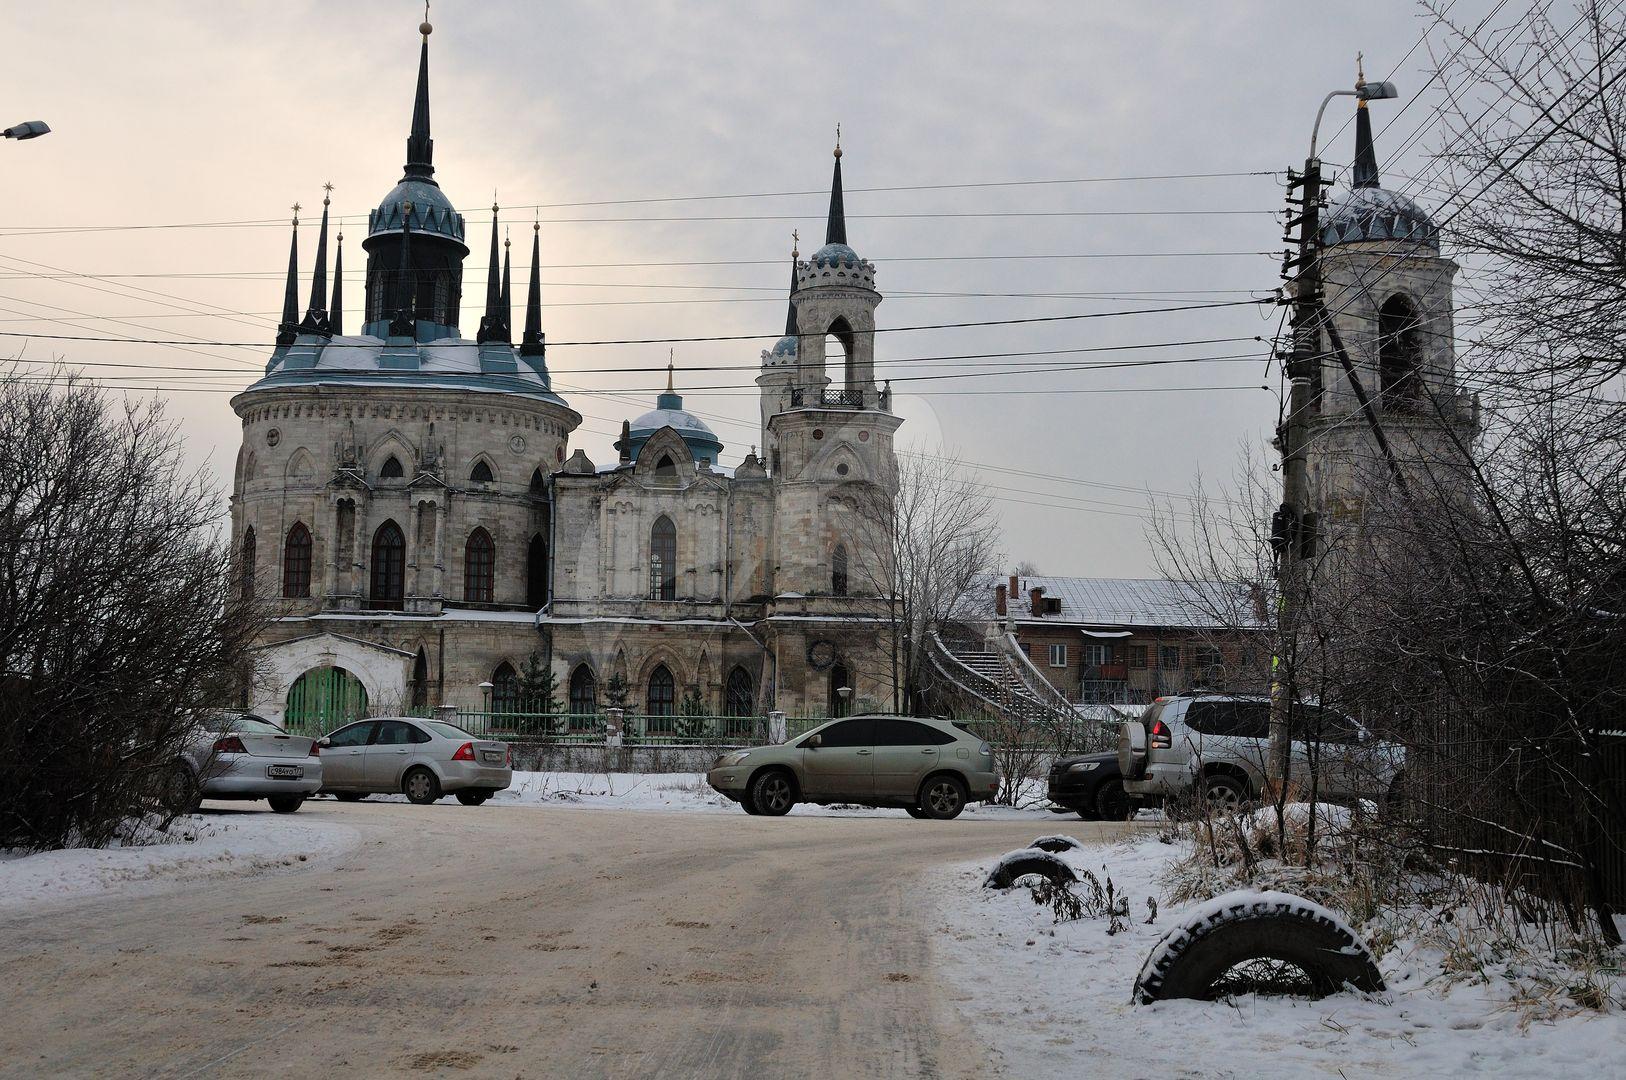 Колокольня, усадьба Быково (Воронцовых), ХVIII-ХIХ вв.